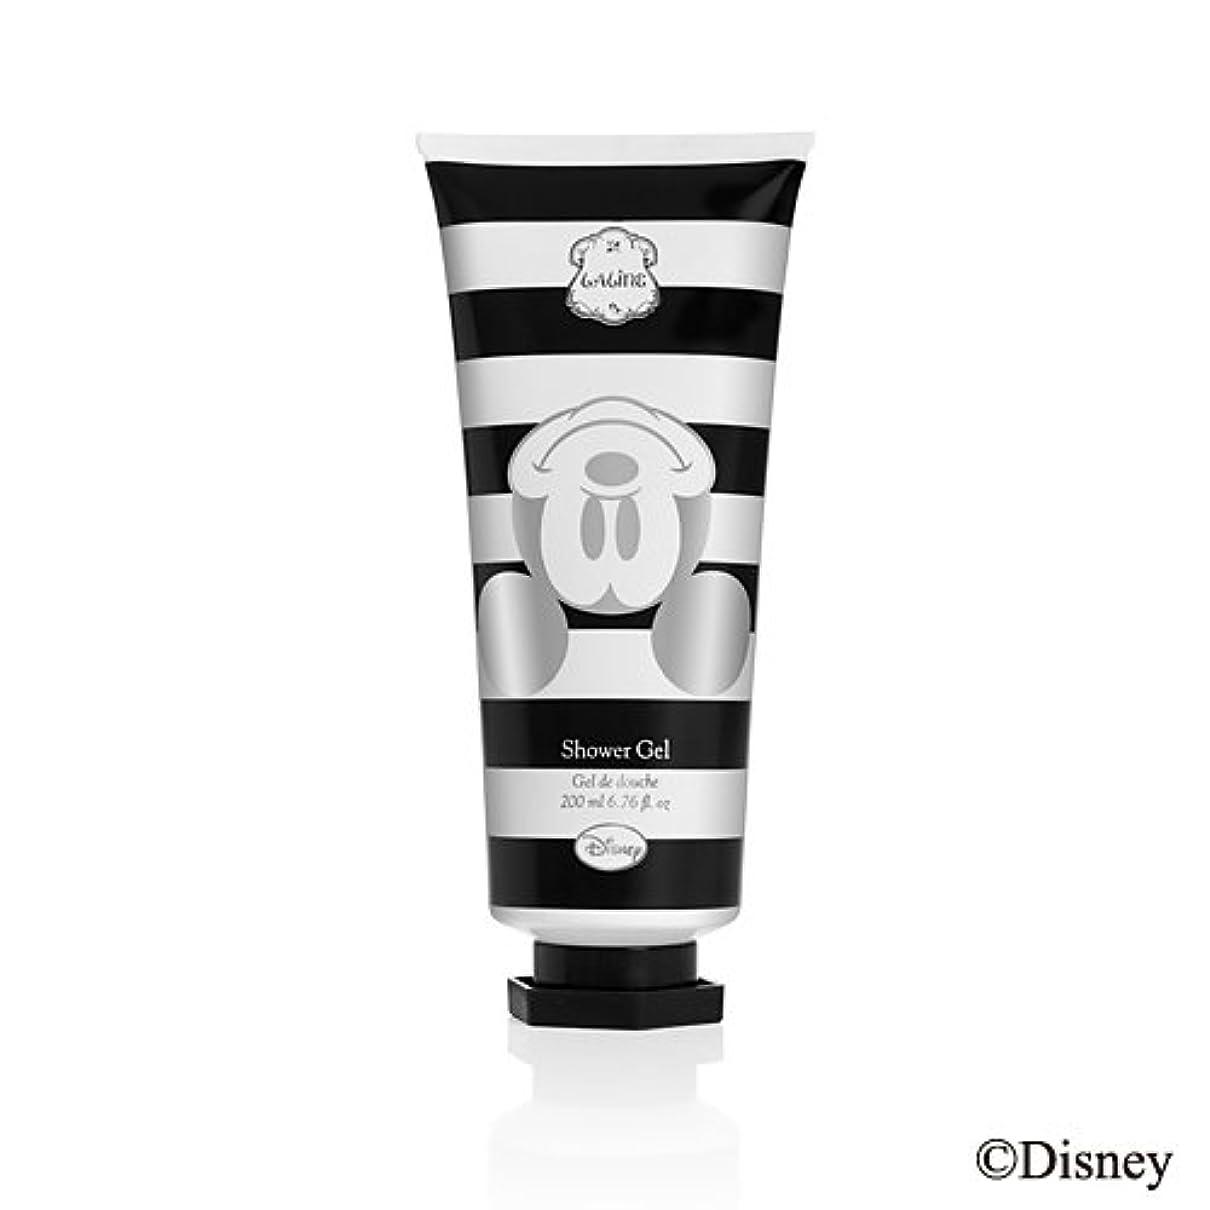 ベルする必要があるアプローチラリン Disney Collection by Laline シャワージェル チェリーブロッサムの香り 200ml